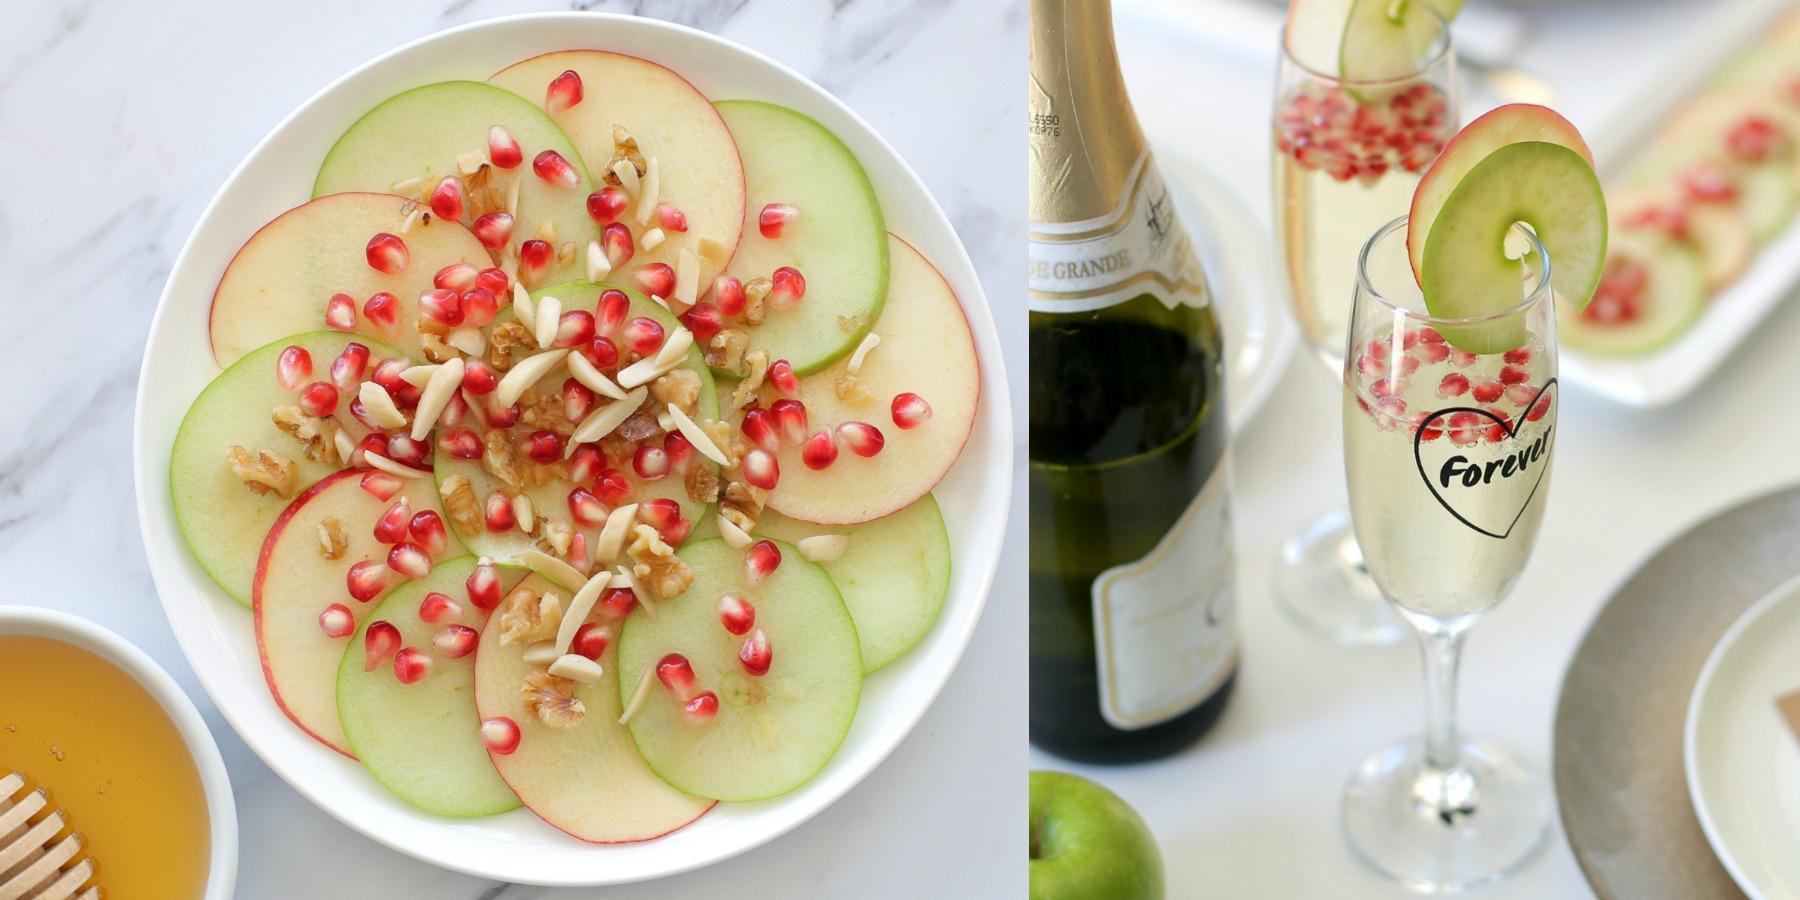 תפוח בדבש וקוקטייל חגיגי לראש השנה - לאירוח בסטייל - אשת סטייל EshetStyle (צילום: טליה הדר)